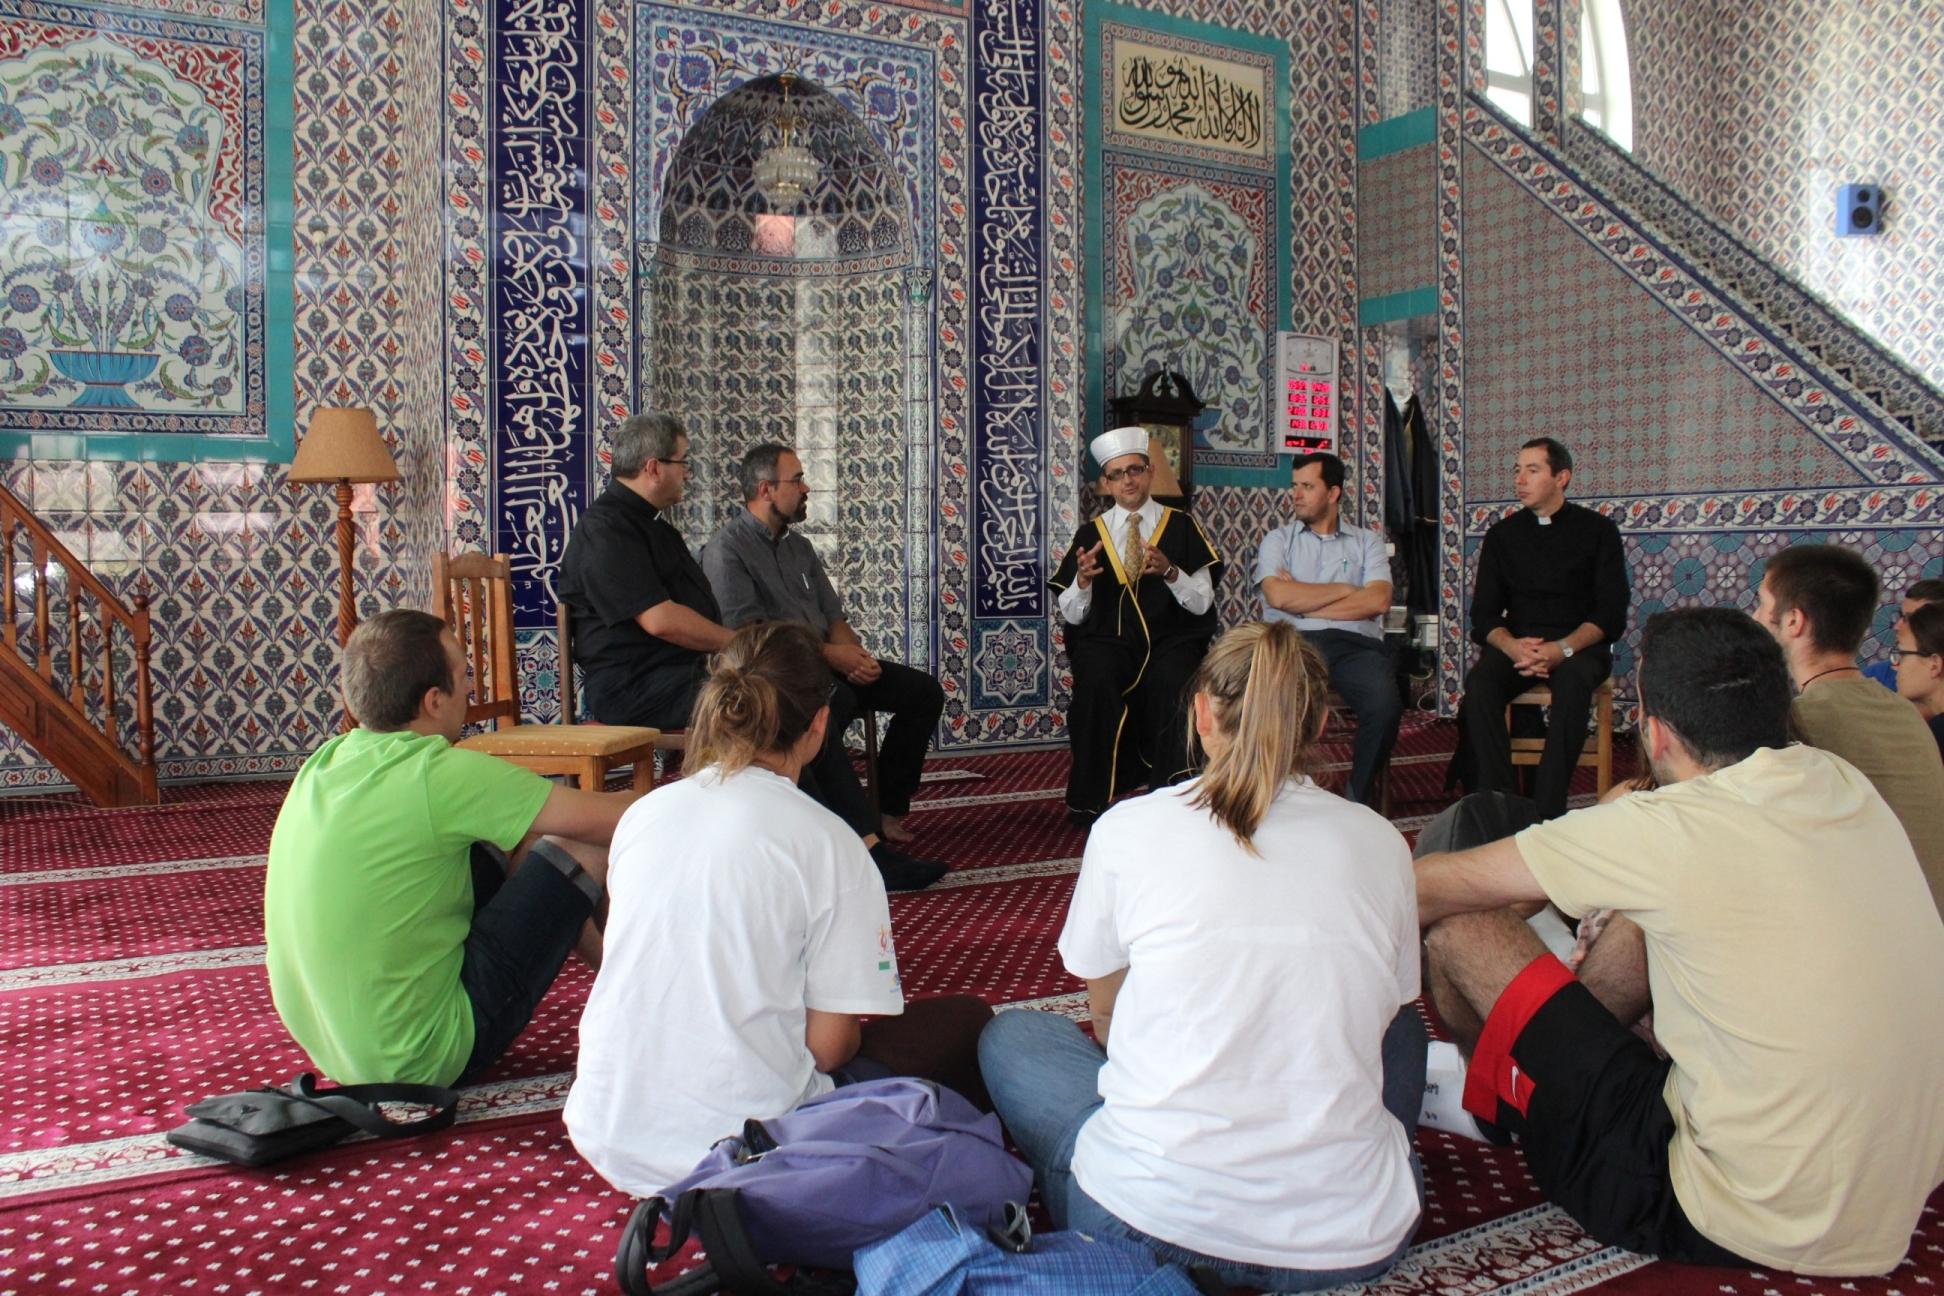 Një grup studentësh, seminaristë katolikë të Milanos vizitojnë xhaminë e Parrucës